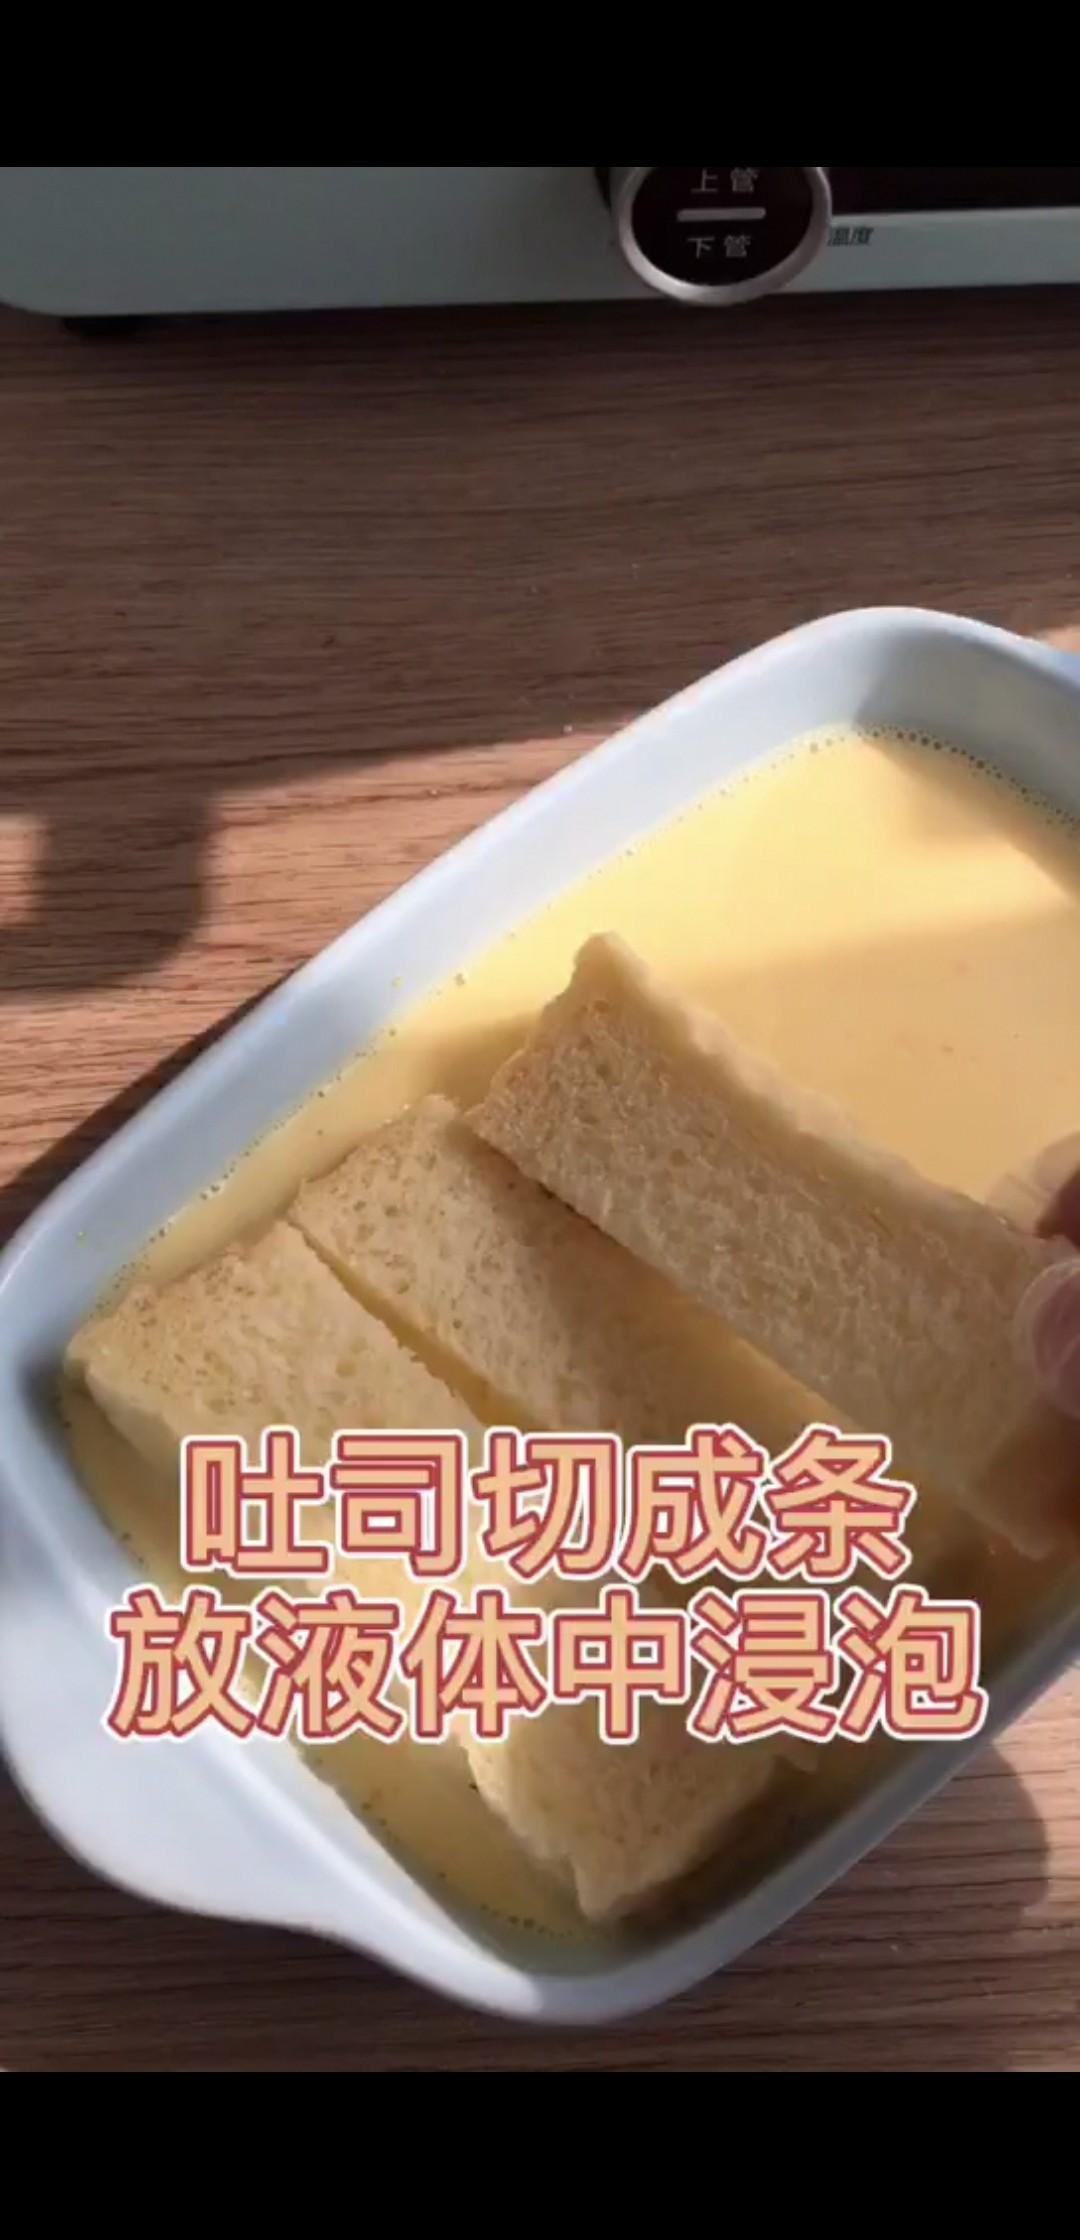 吐司的神仙吃法!香软可口,奶香浓郁的简单做法